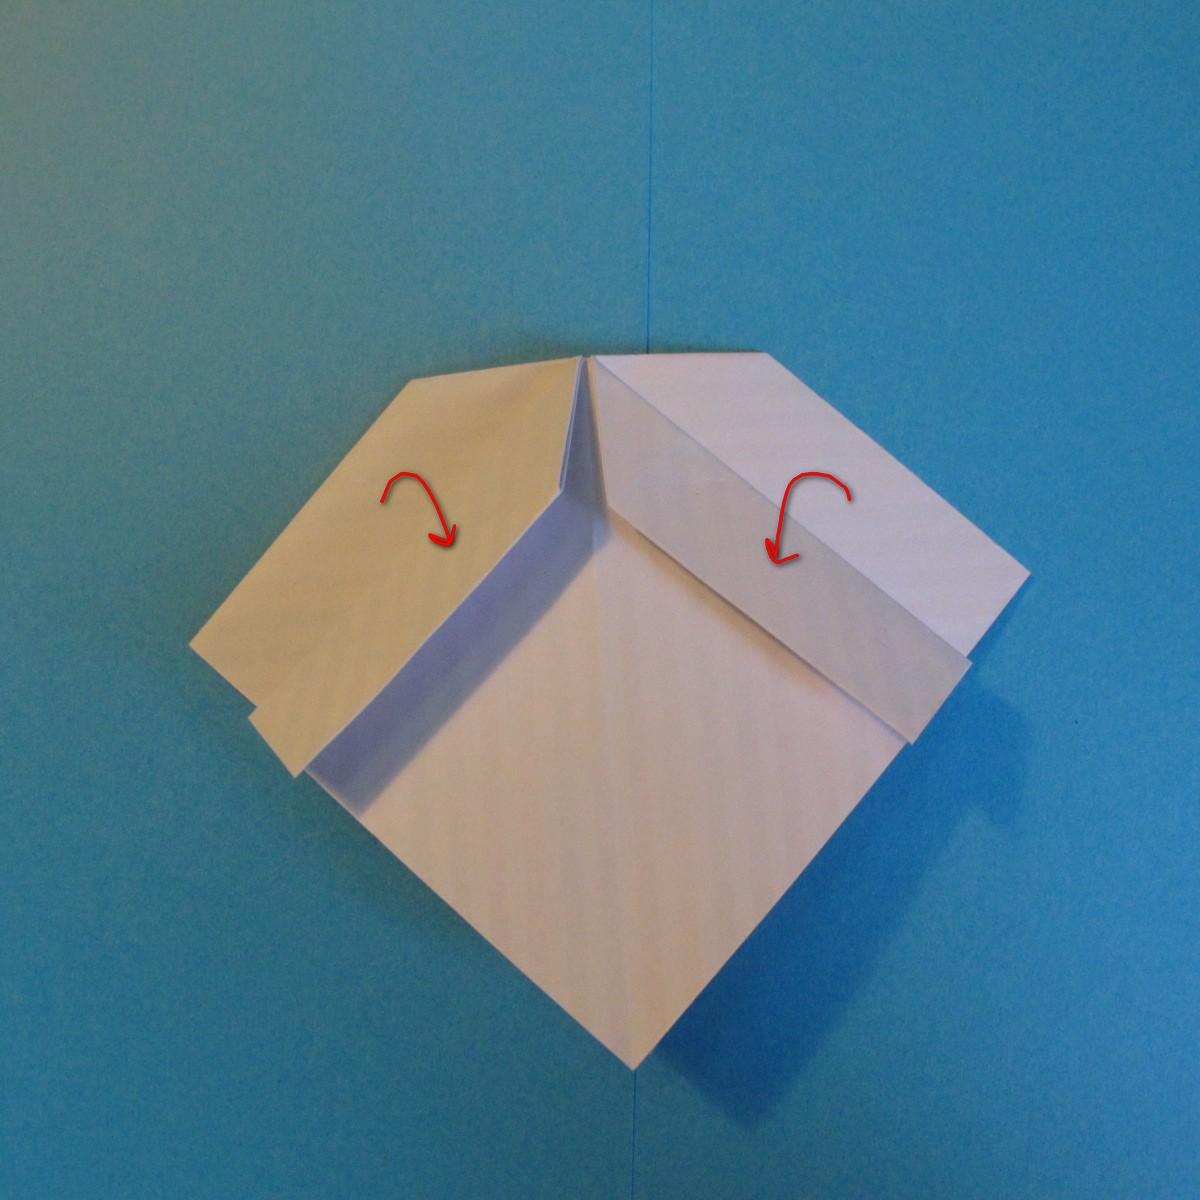 วิธีการพับกระดาษเป็นโบว์หูกระต่าย 011